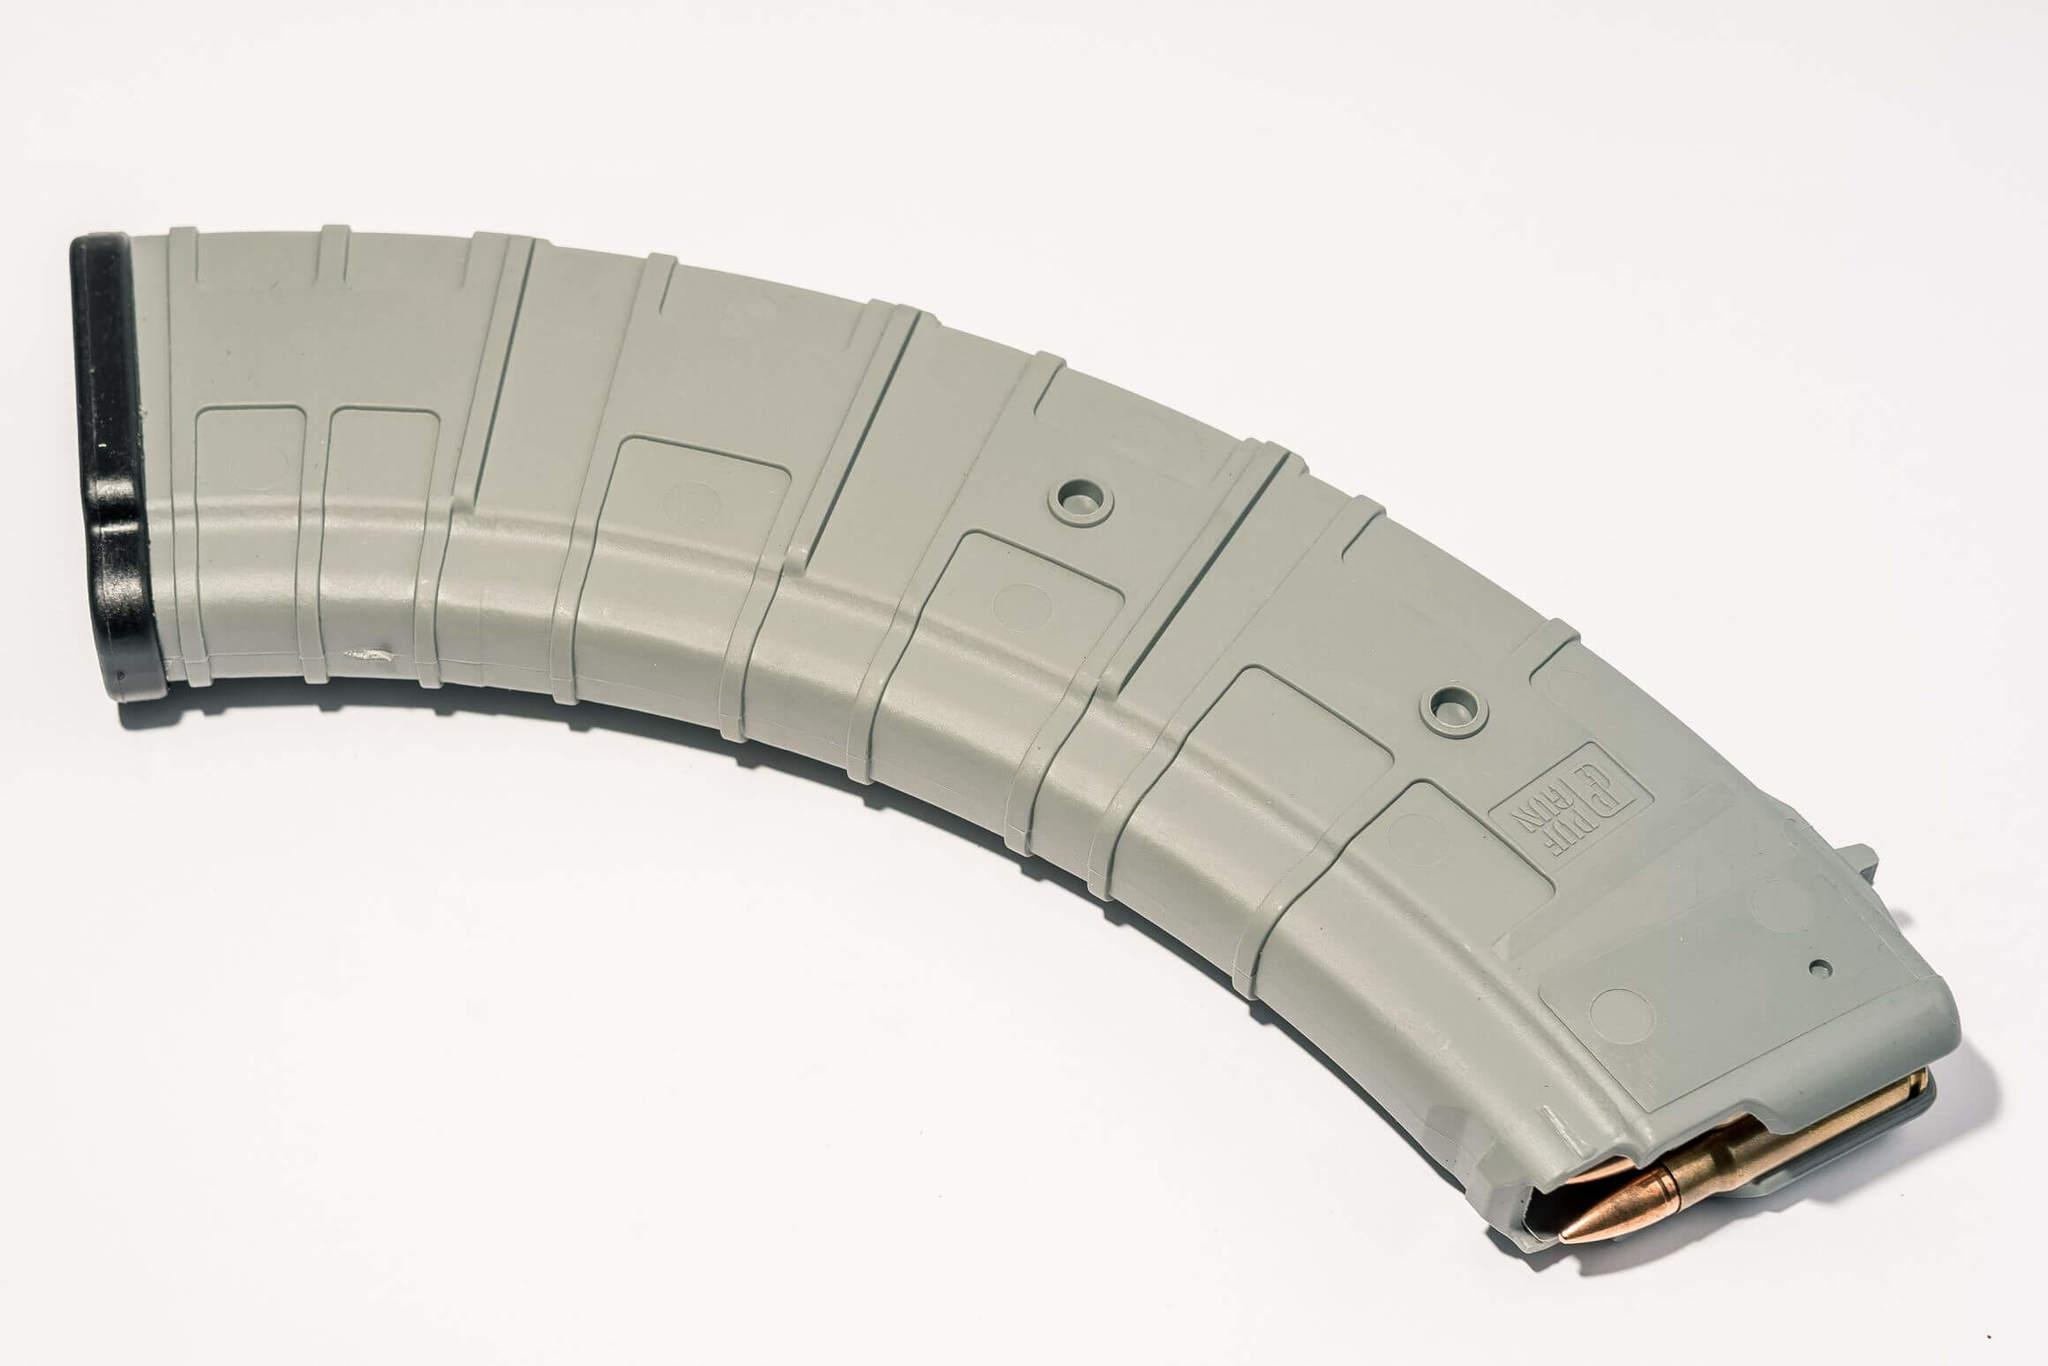 Магазин Pufgun для АКМ 7.62x39 ВПО-136 на 40 патронов, серый